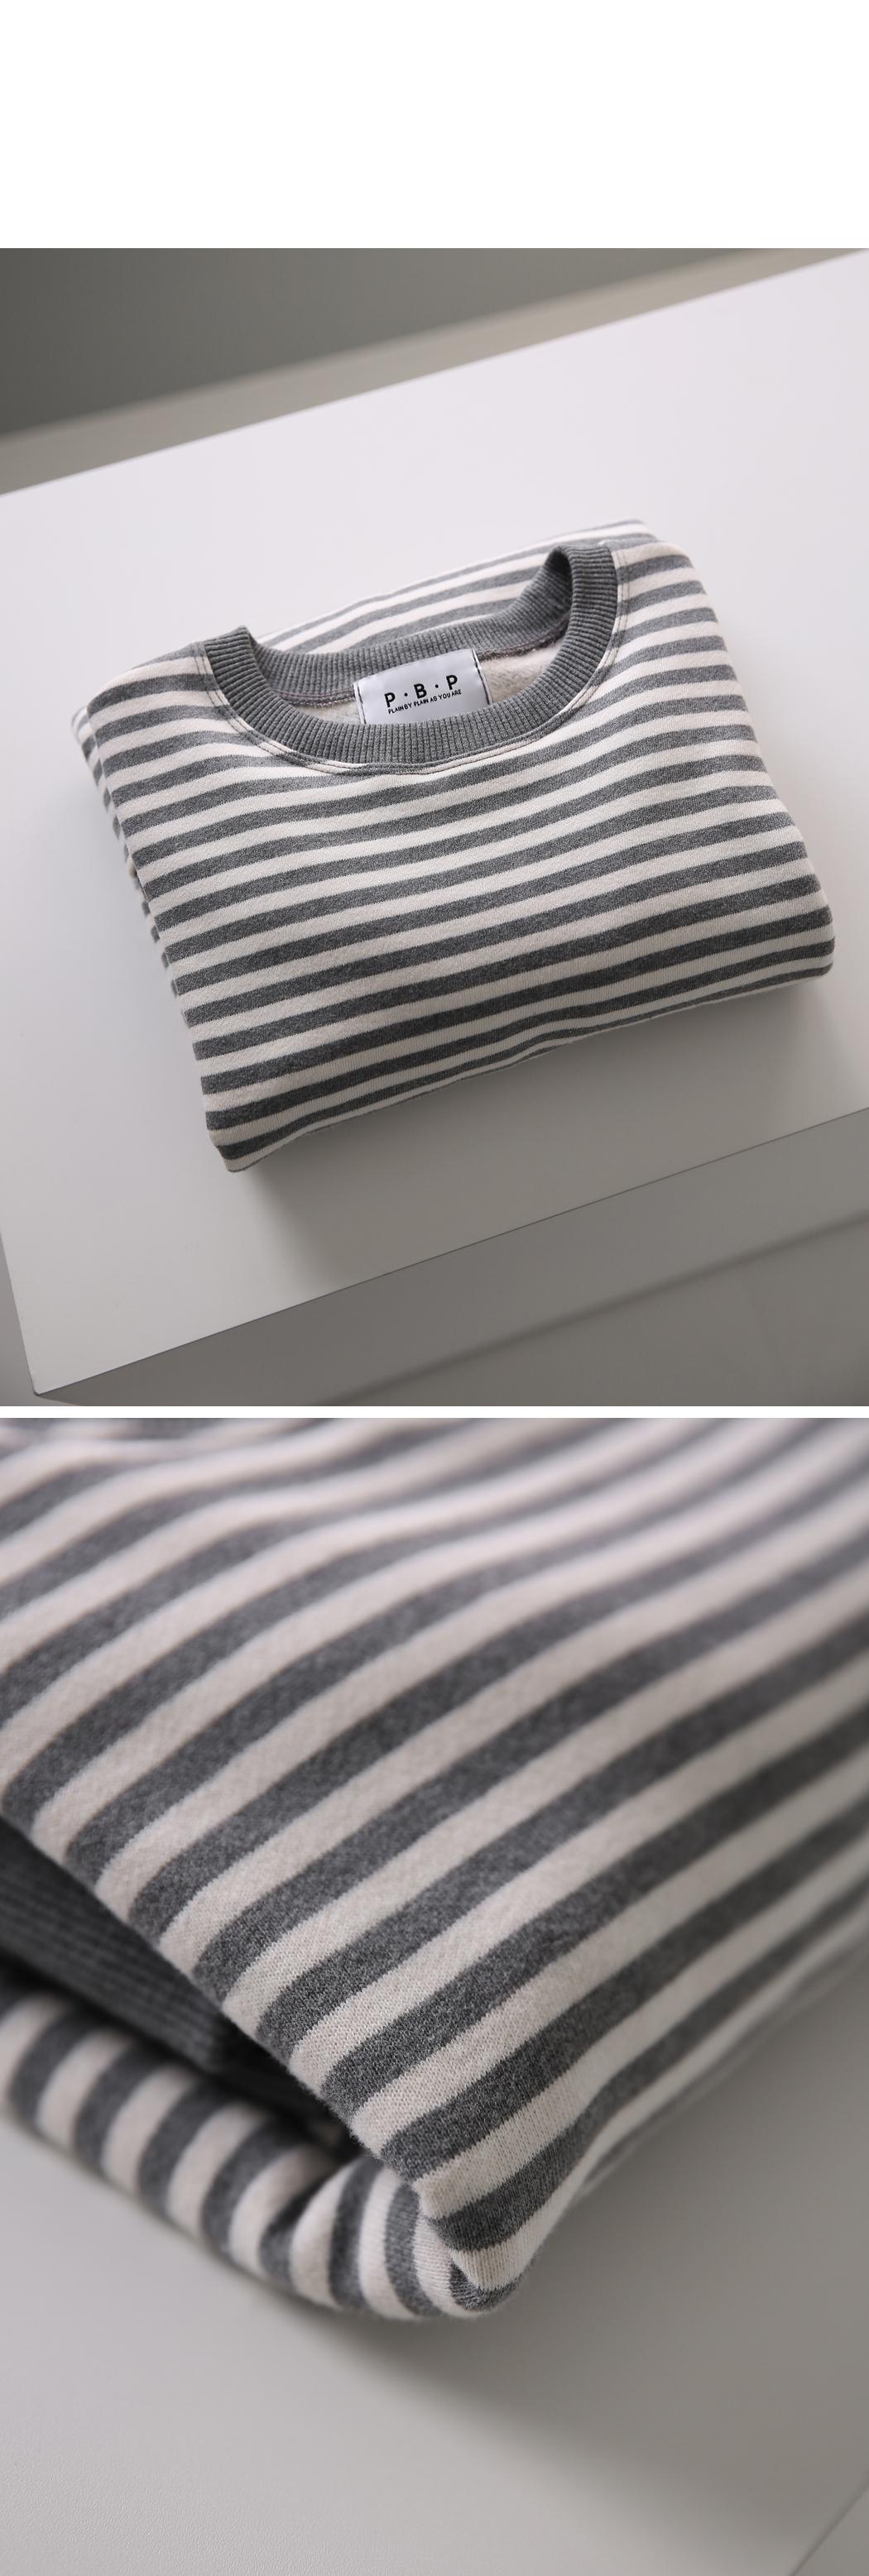 PBP stripe loose slit man to man